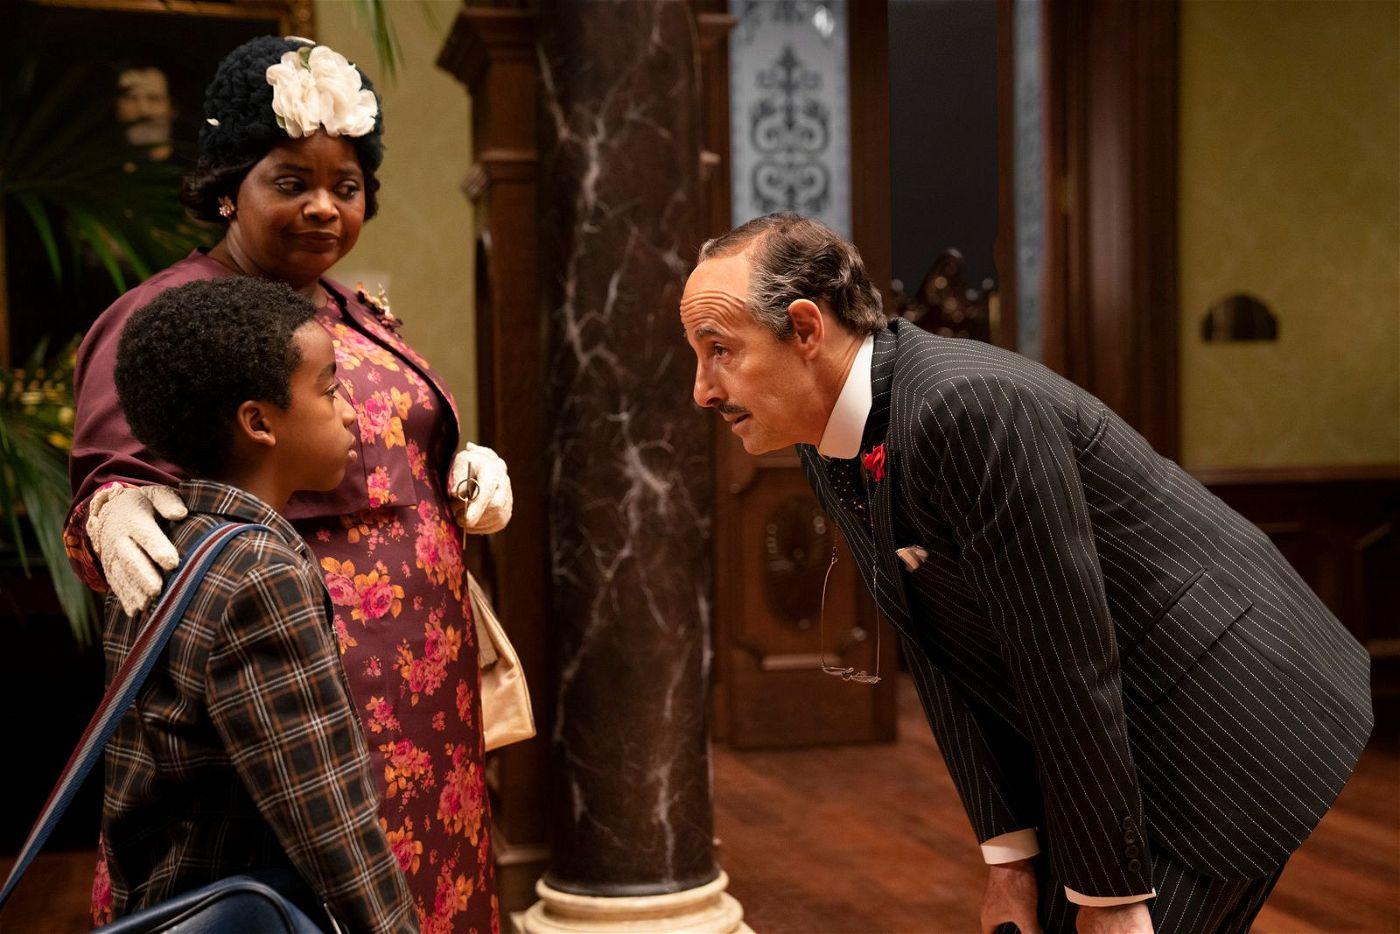 Die Helden des Films, eine Großmutter (Octavia Spencer) mit ihrem Enkel (Jahzir Kadeem Bruno), werden vom Hotelmanager beim Einchecken begrüßt.